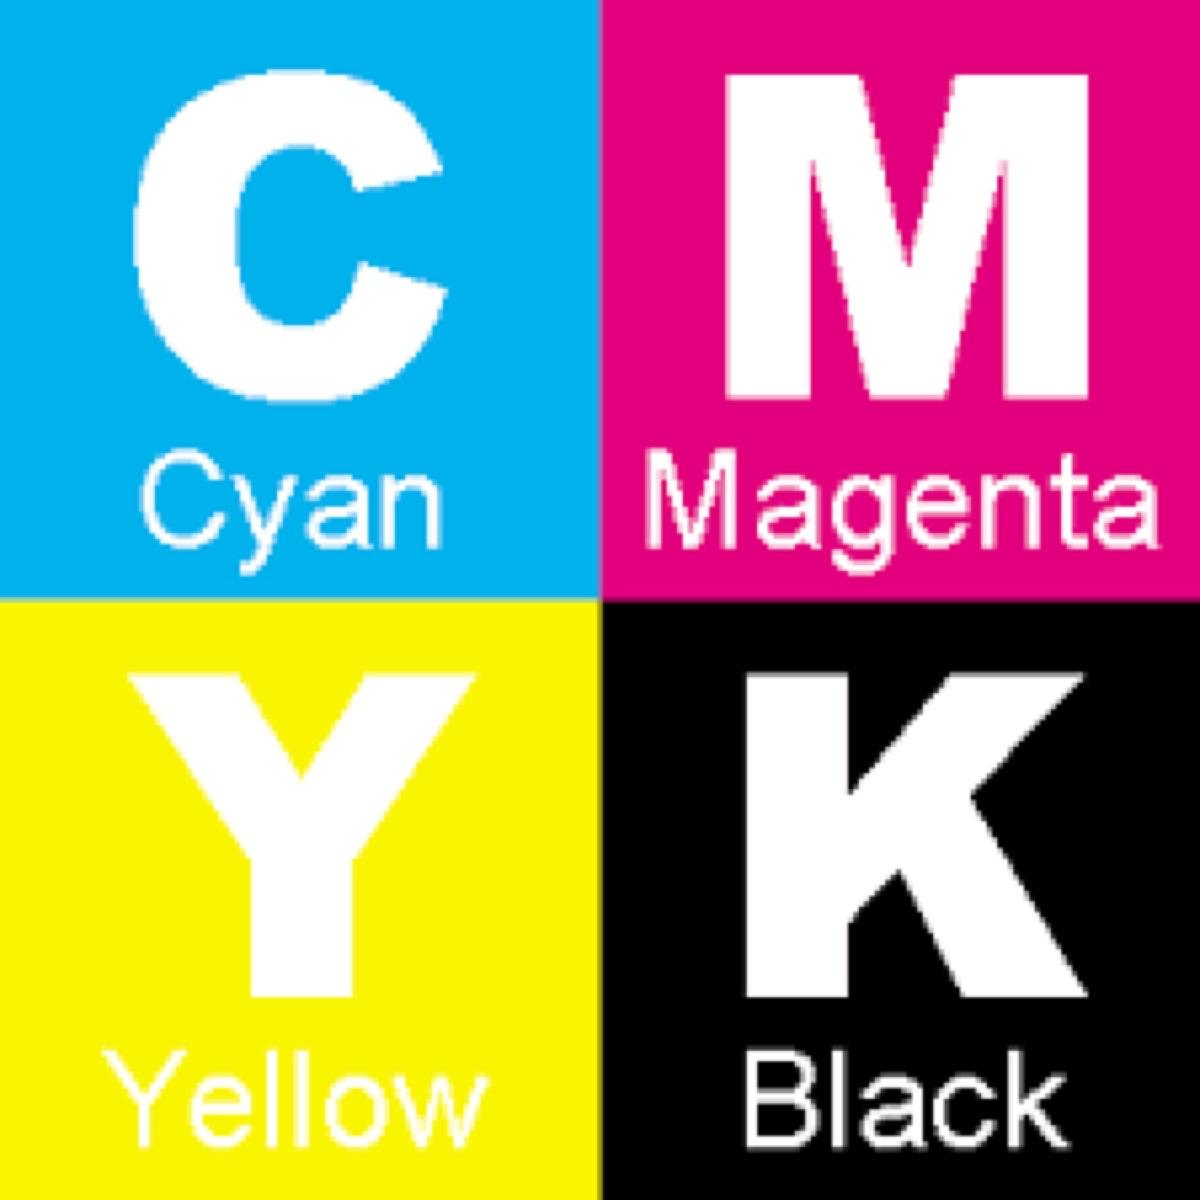 Impresión A Color Hd Carta 500 Páginas - $ 210.00 en Mercado Libre